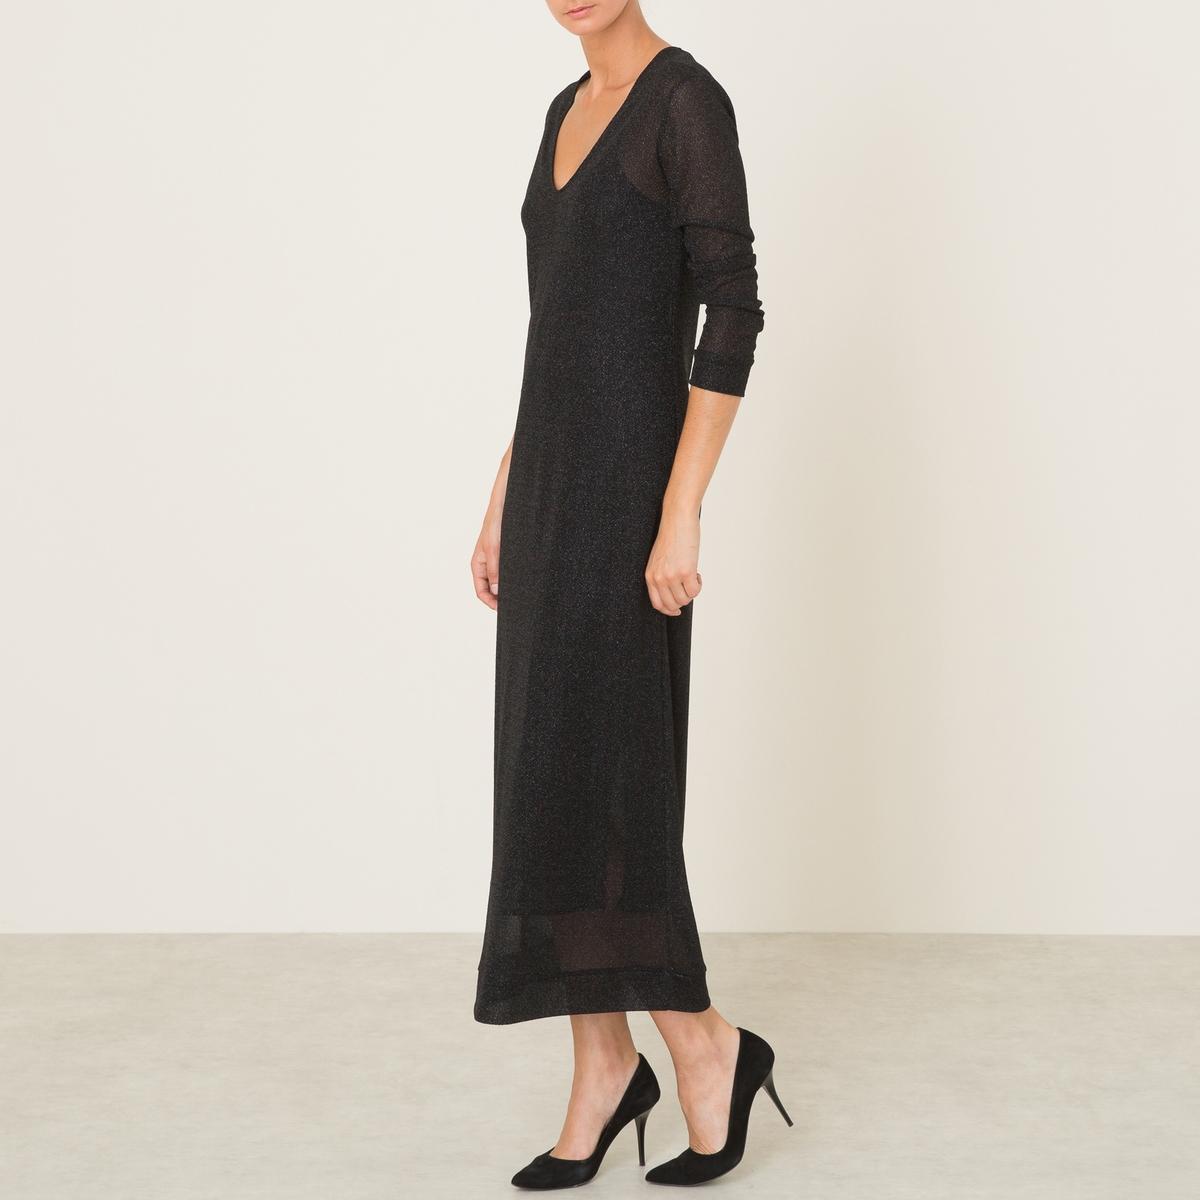 Платье длинное MABONСостав и описание :Материал : 58% нейлона, 42% полиэстераПодкладка    : 100% вискозаМарка : MOMONI<br><br>Цвет: черный<br>Размер: XS